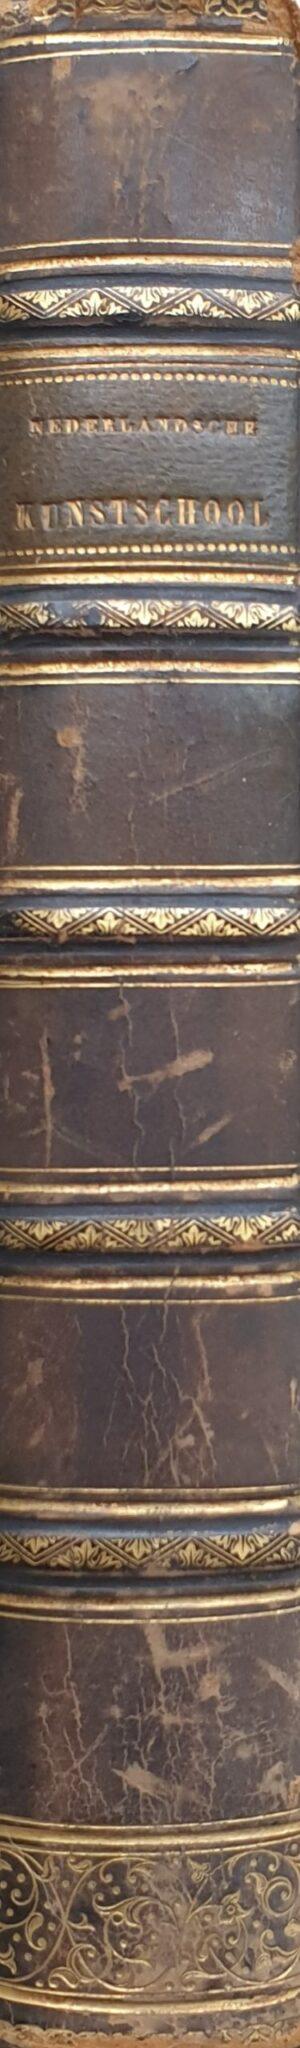 verzameling van de merkwaardigste voortbrengselen der nederlandsche kunstschool gent 1824 amsterdam antwerpen brussel gent 's gravenhage den haag skoander.com